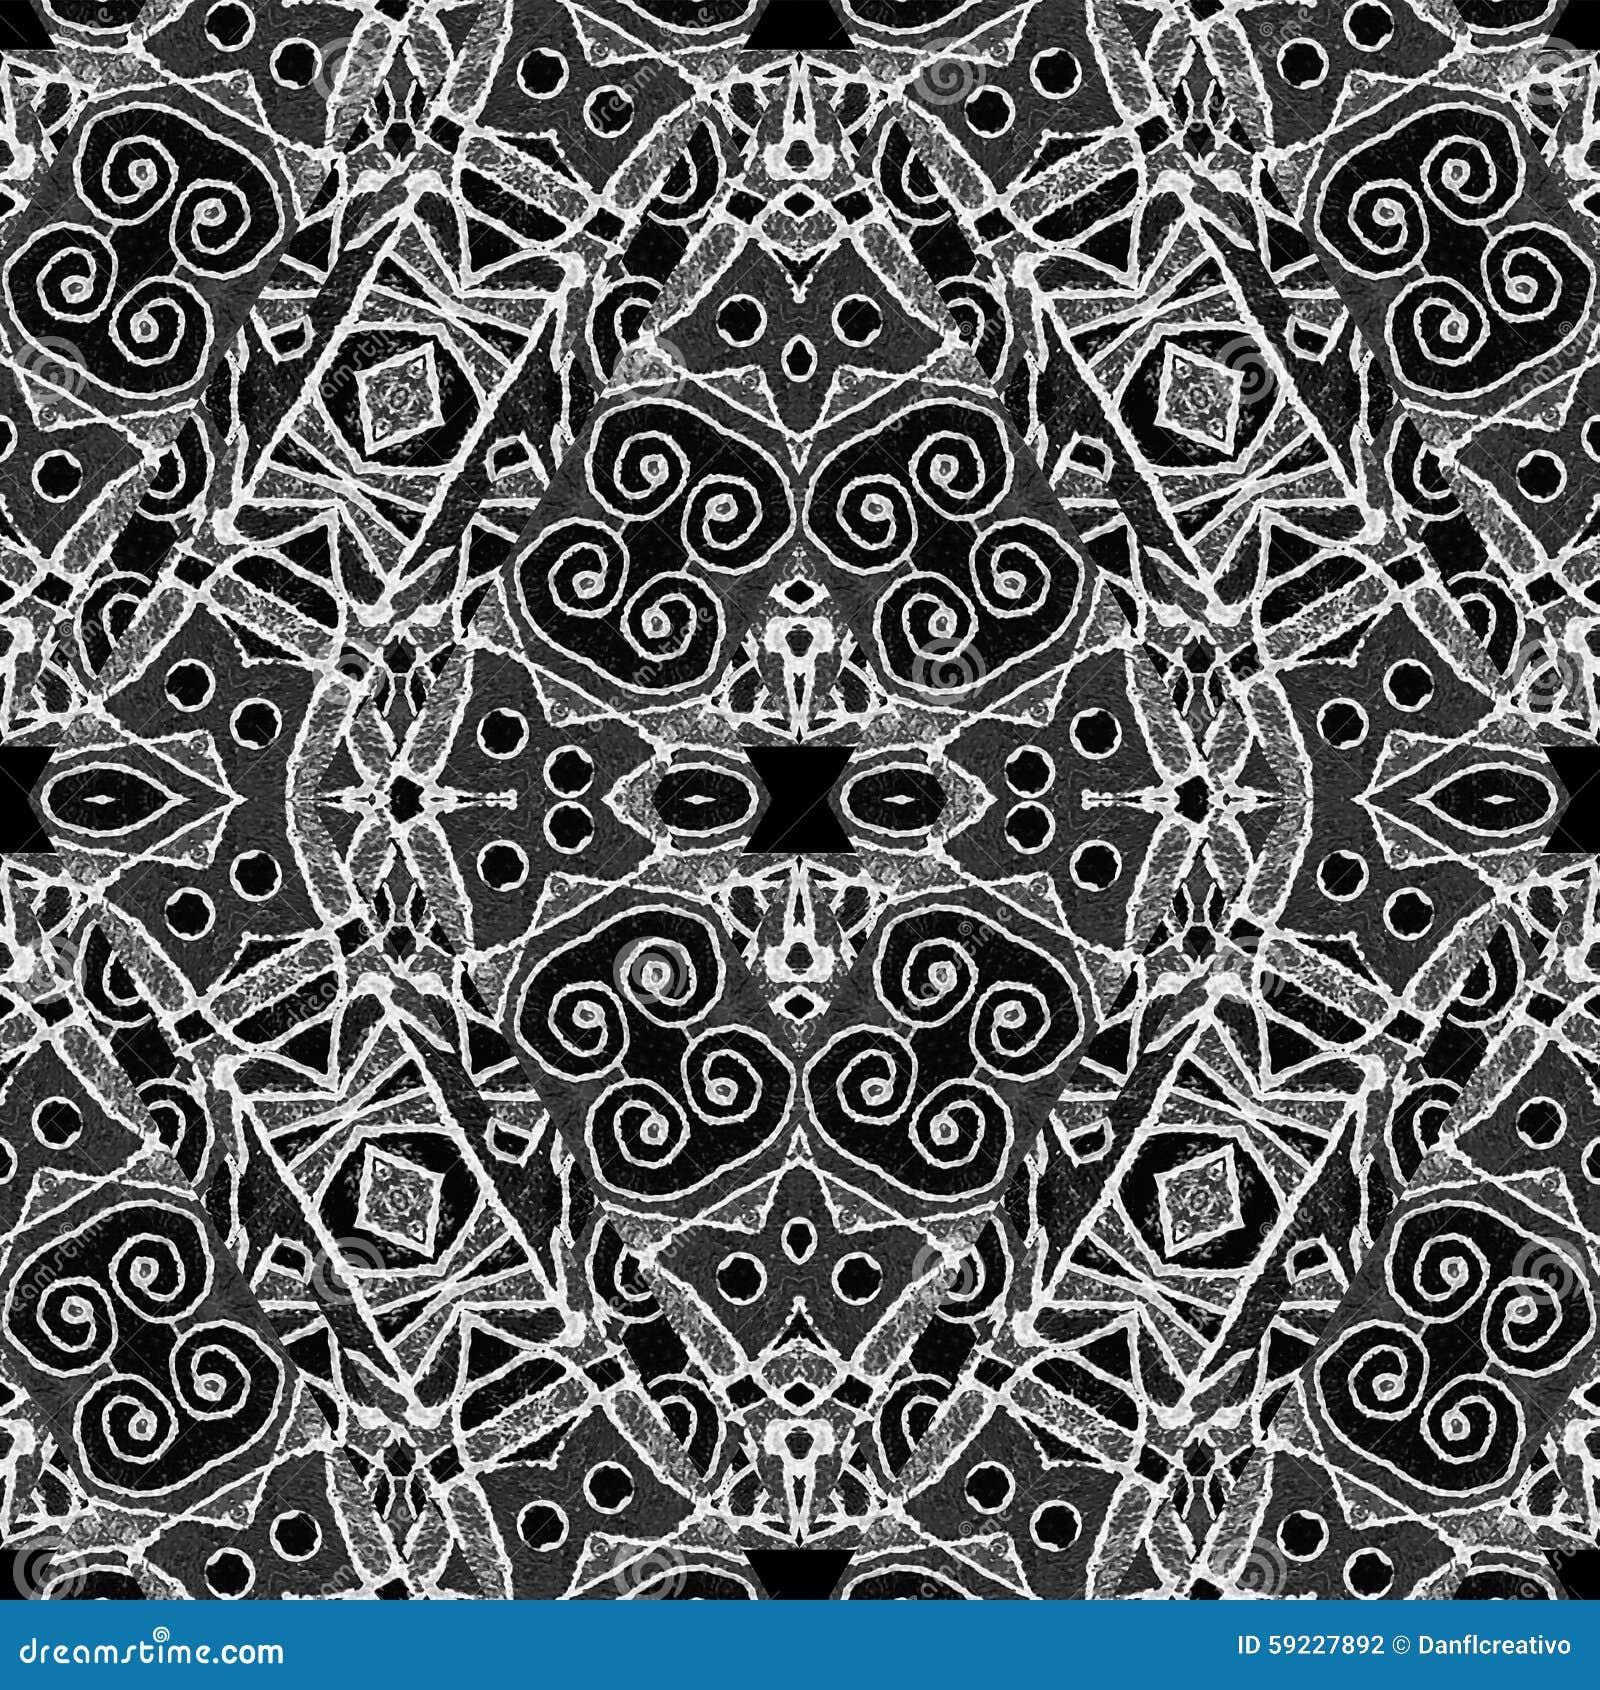 Download Modelo Tribal Geométrico Blanco Y Negro Stock de ilustración - Ilustración de intrincado, digital: 59227892